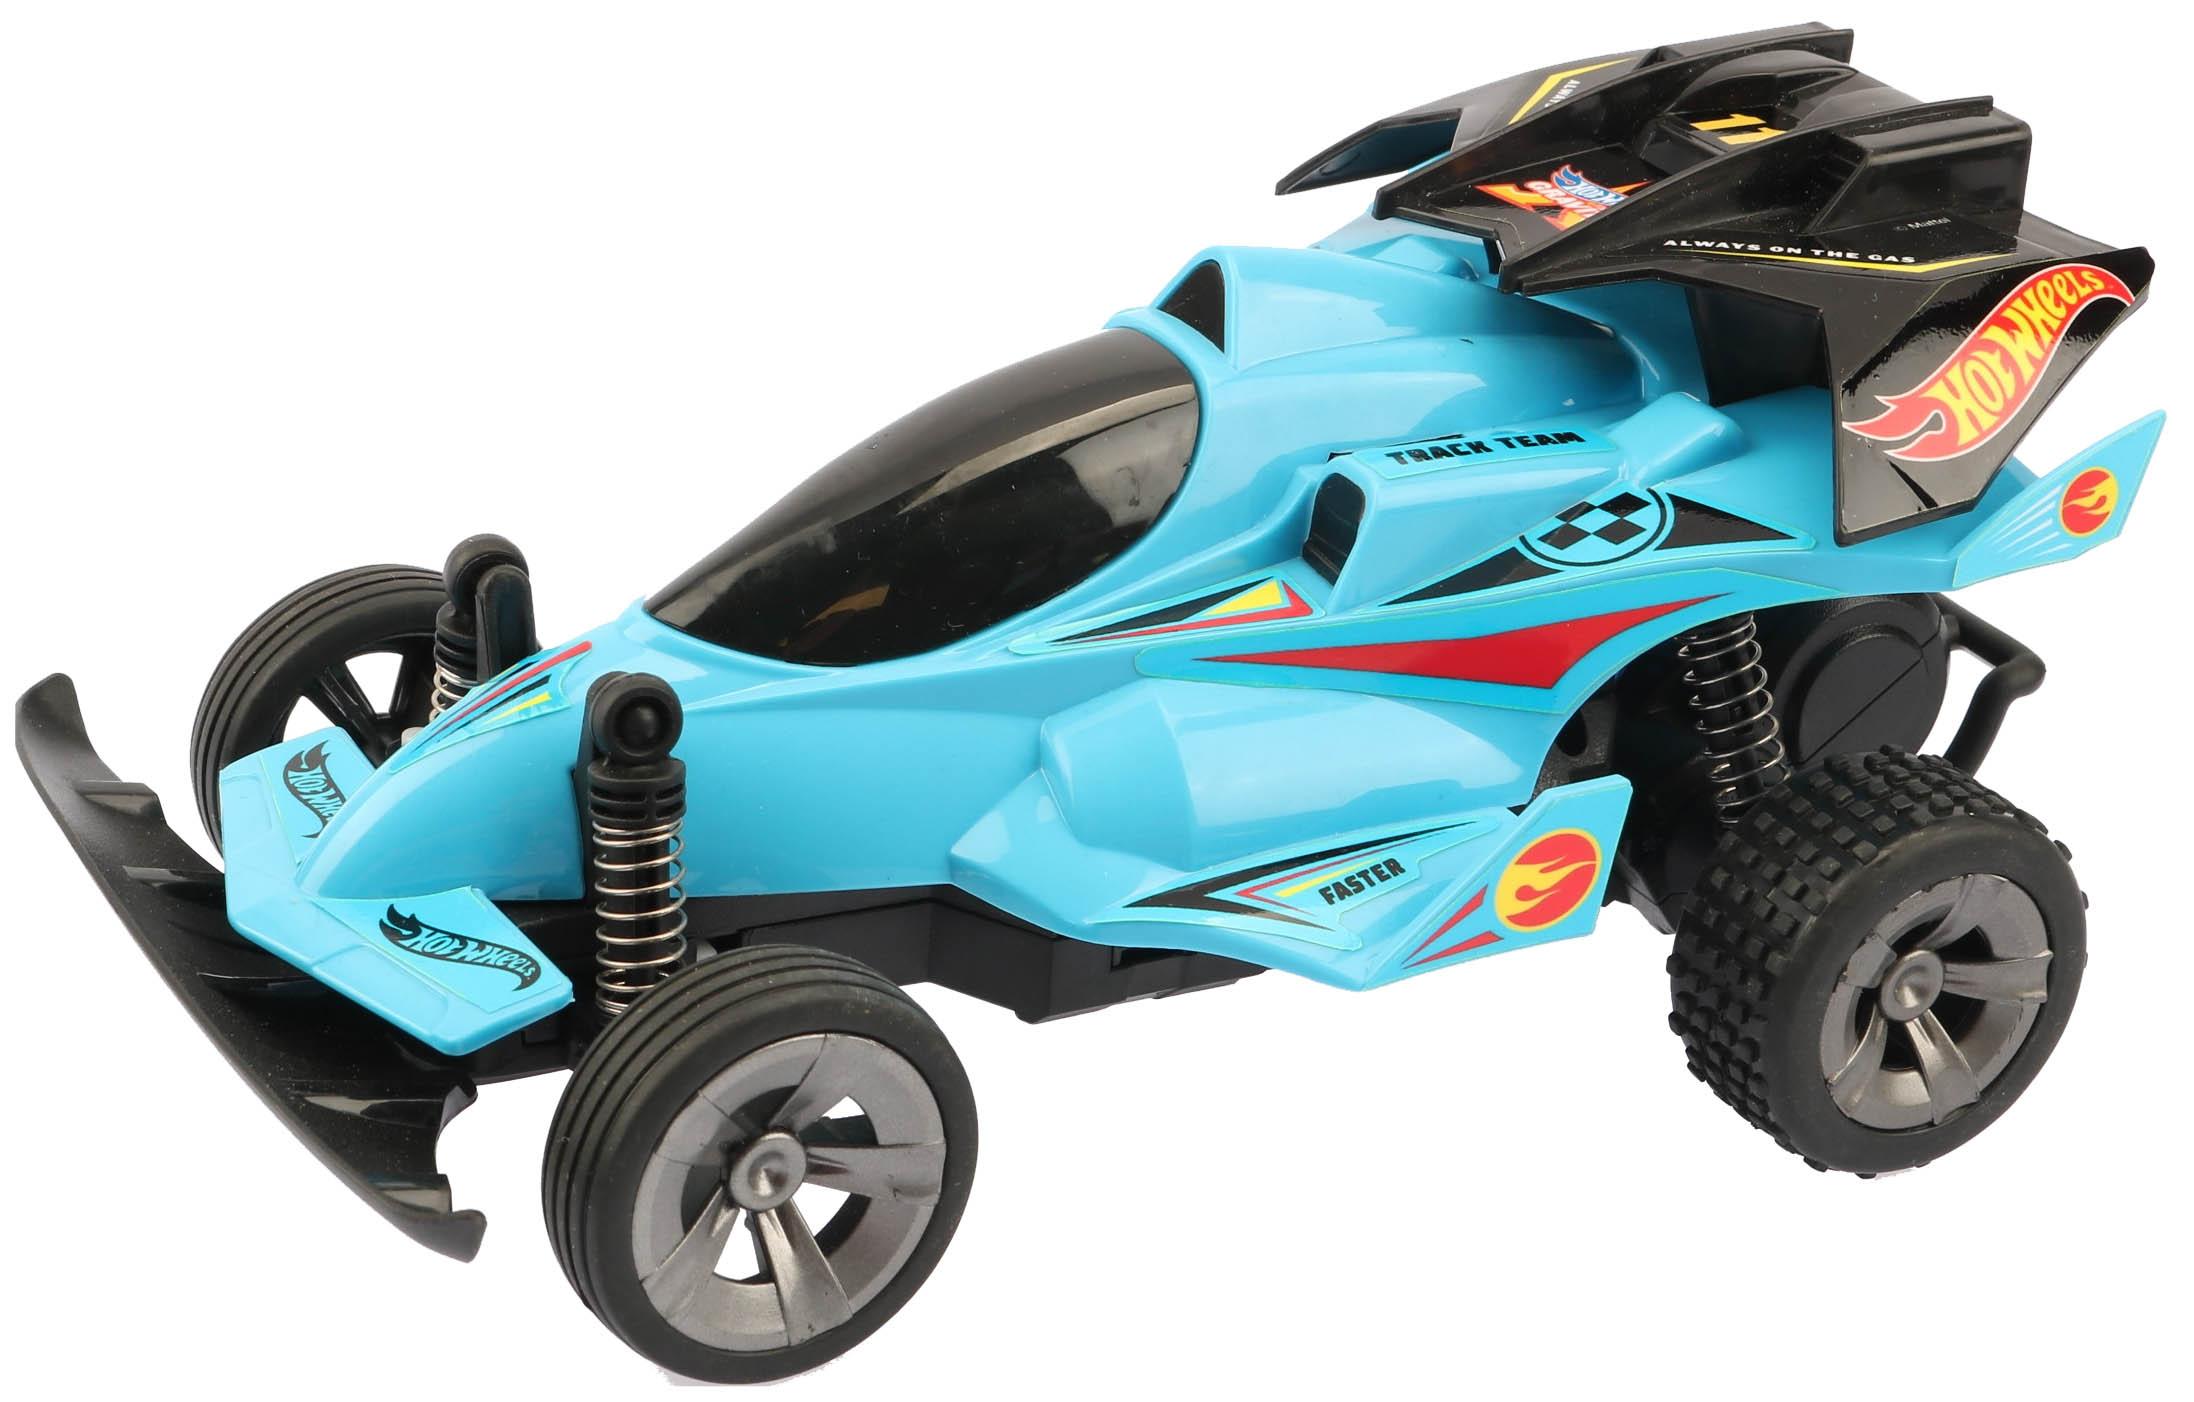 Радиоуправляемая машинка Mattel Т10980 Hot Wheels Багги cо светом и звуком